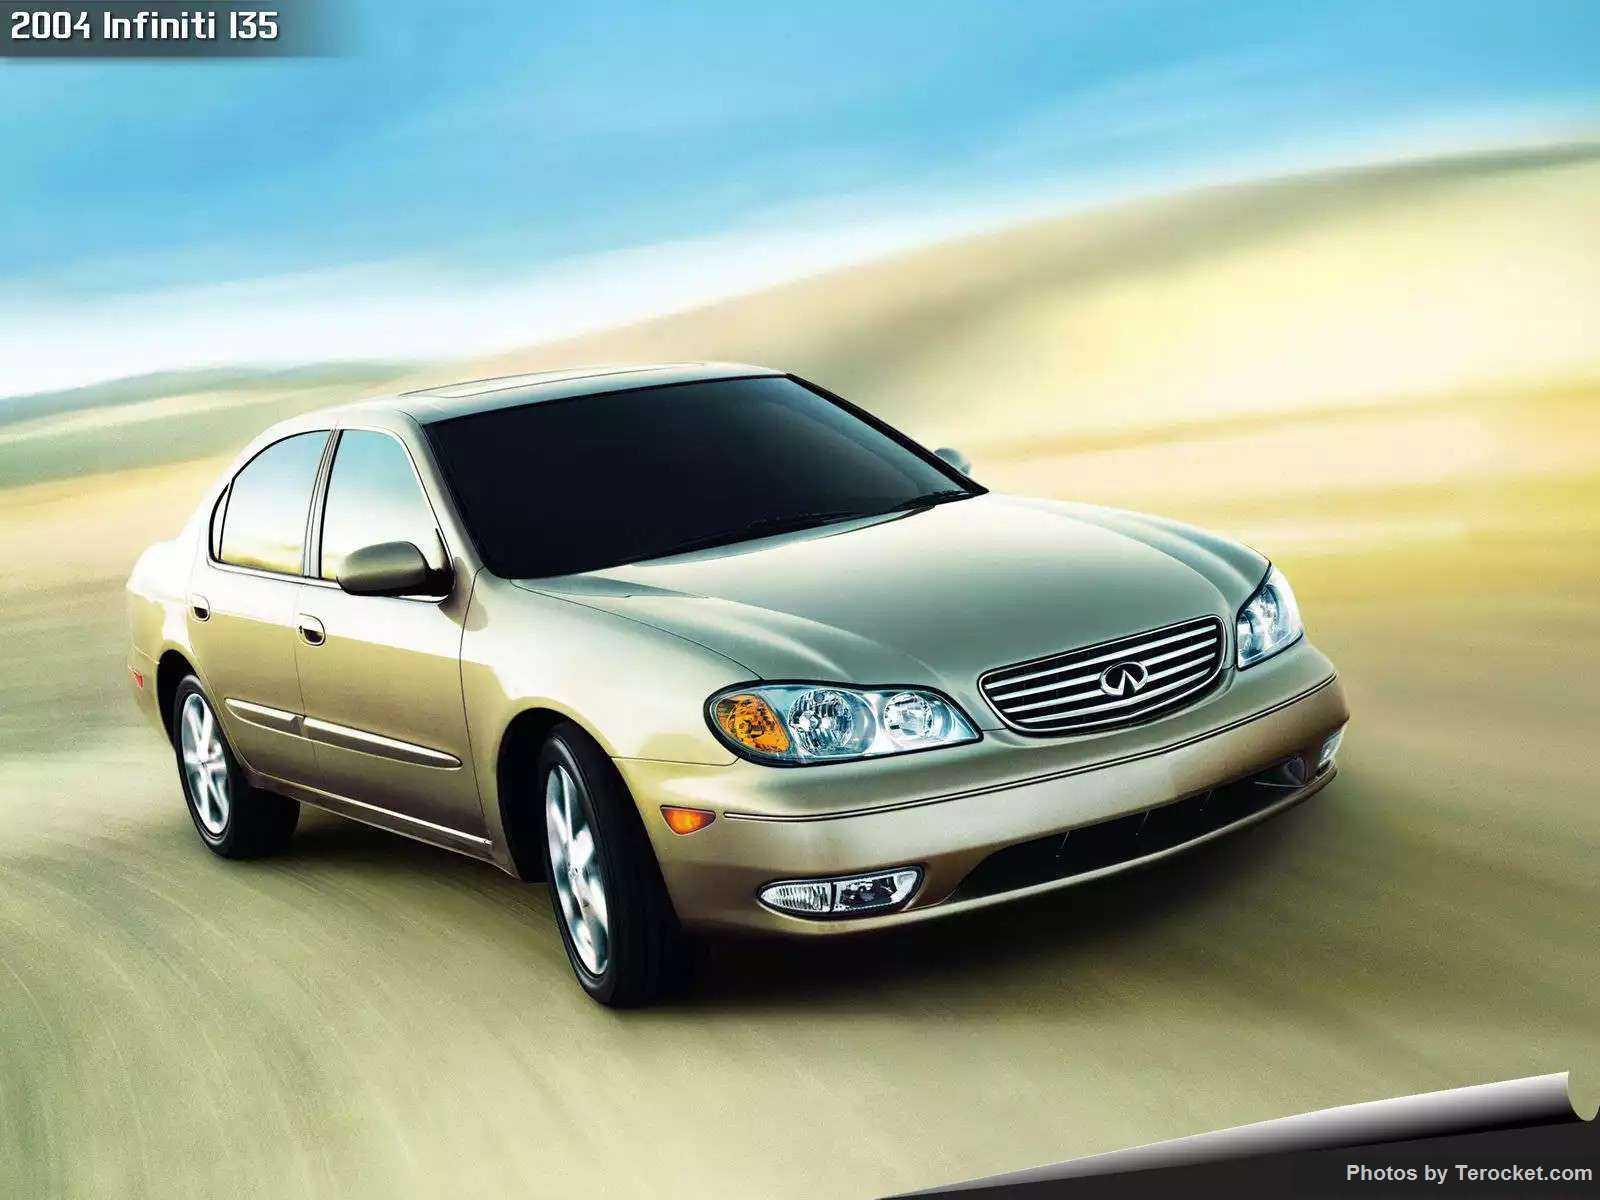 Hình ảnh xe ô tô Infiniti I35 2004 & nội ngoại thất